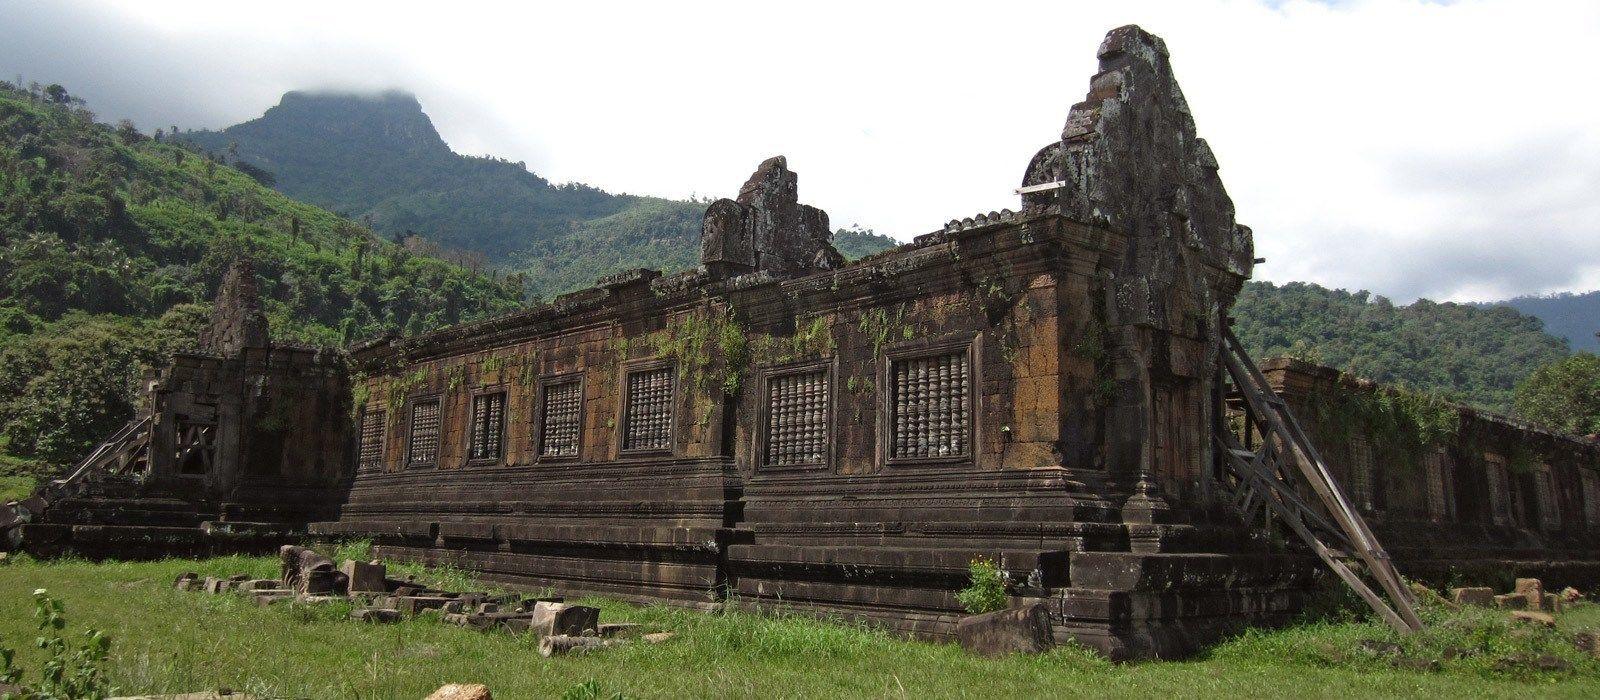 Kultur, Natur und Strände Südostasiens Urlaub 3